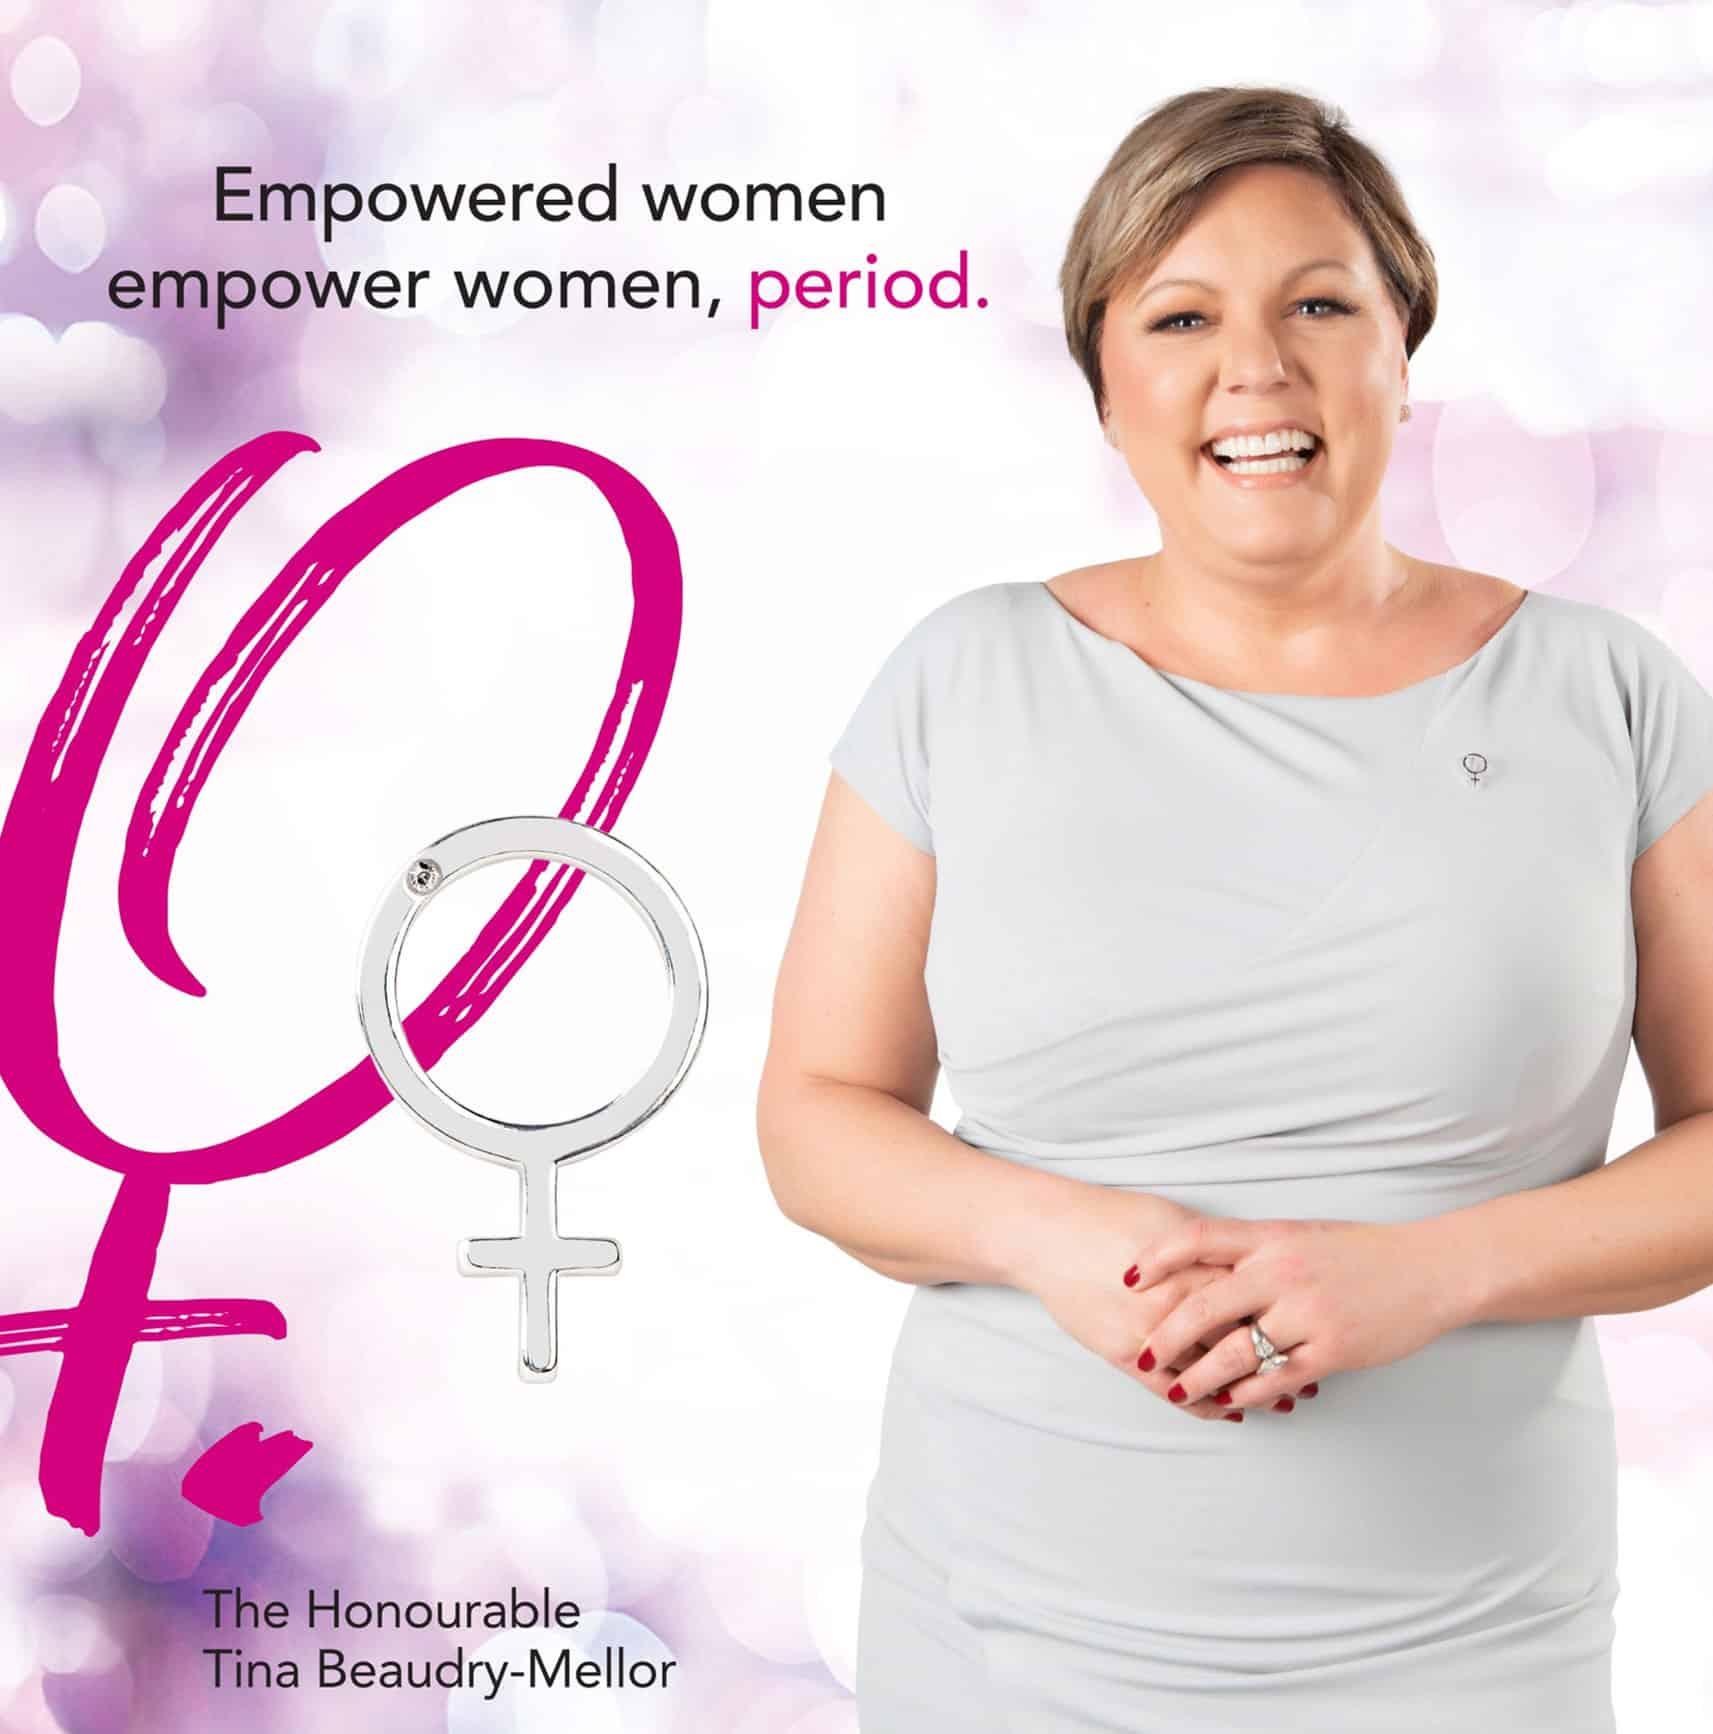 Hillberg & Berk - Empowered Women 6 - Tina Beaudry-Mellor